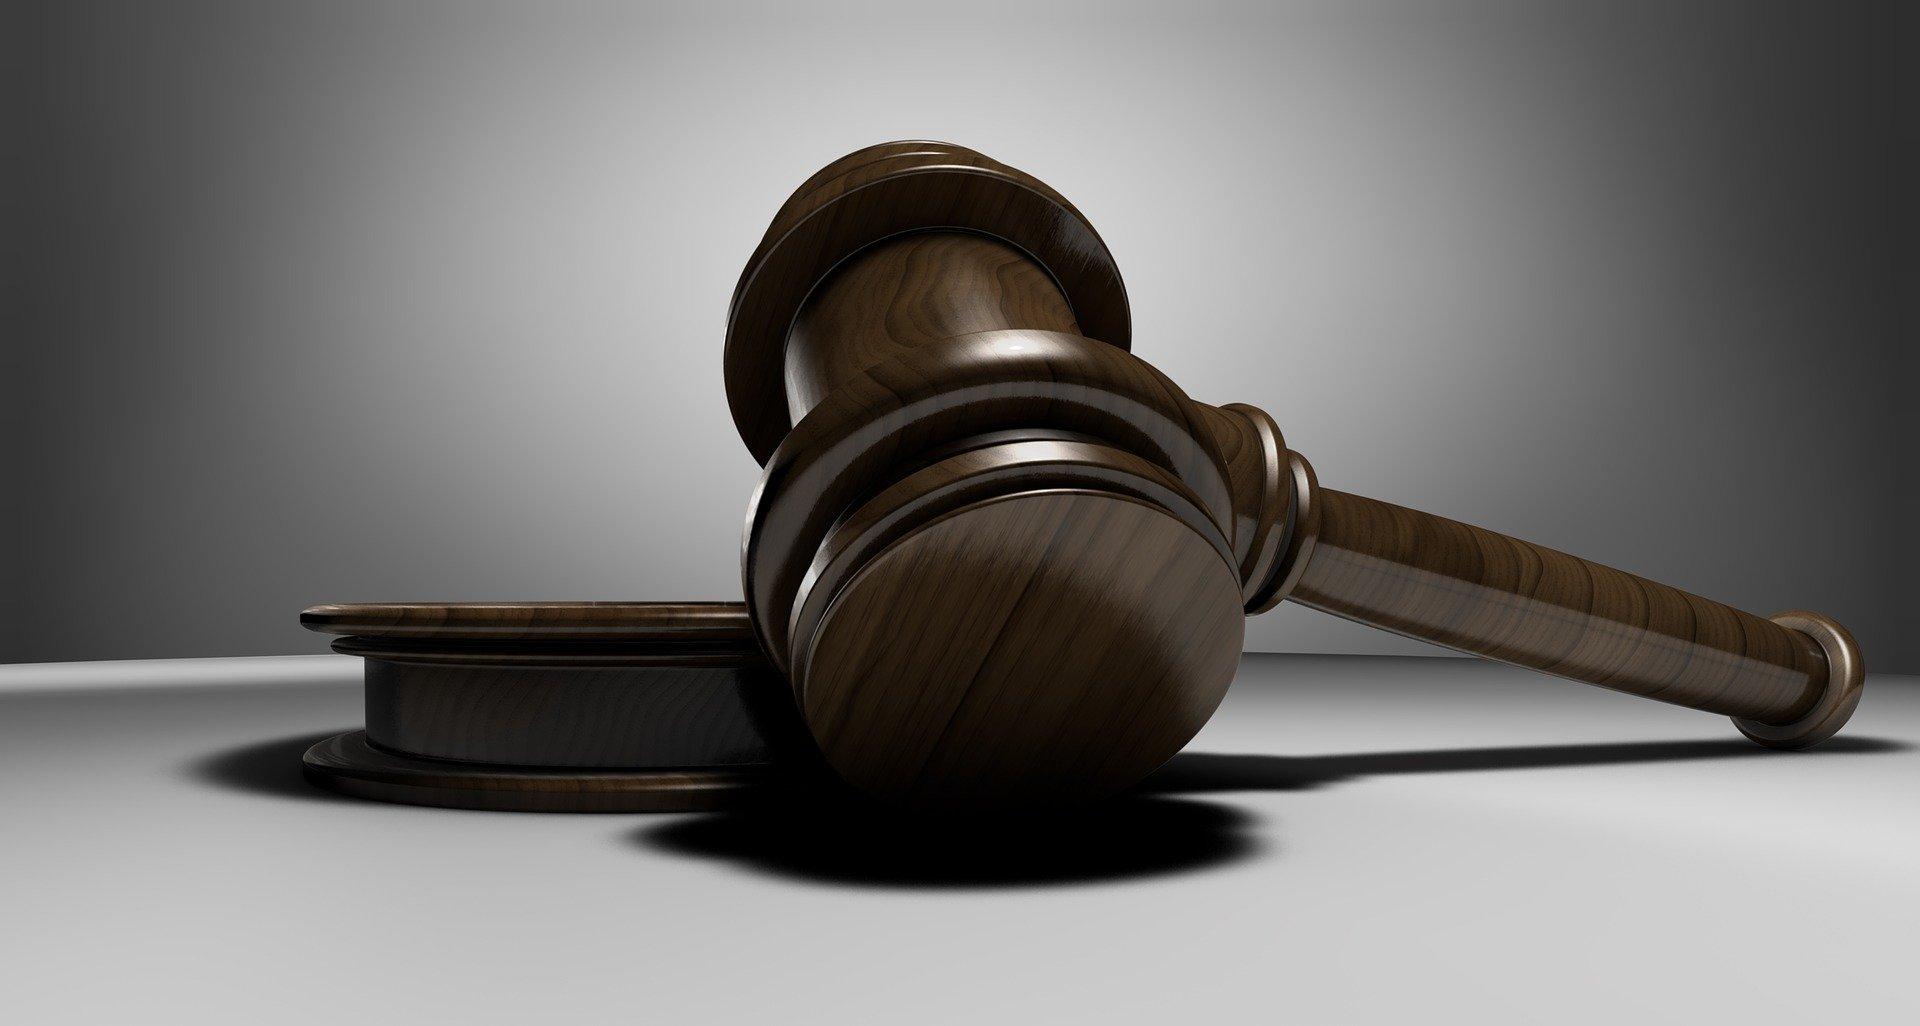 Acțiunea penală și acțiunea civilă în procesul penal